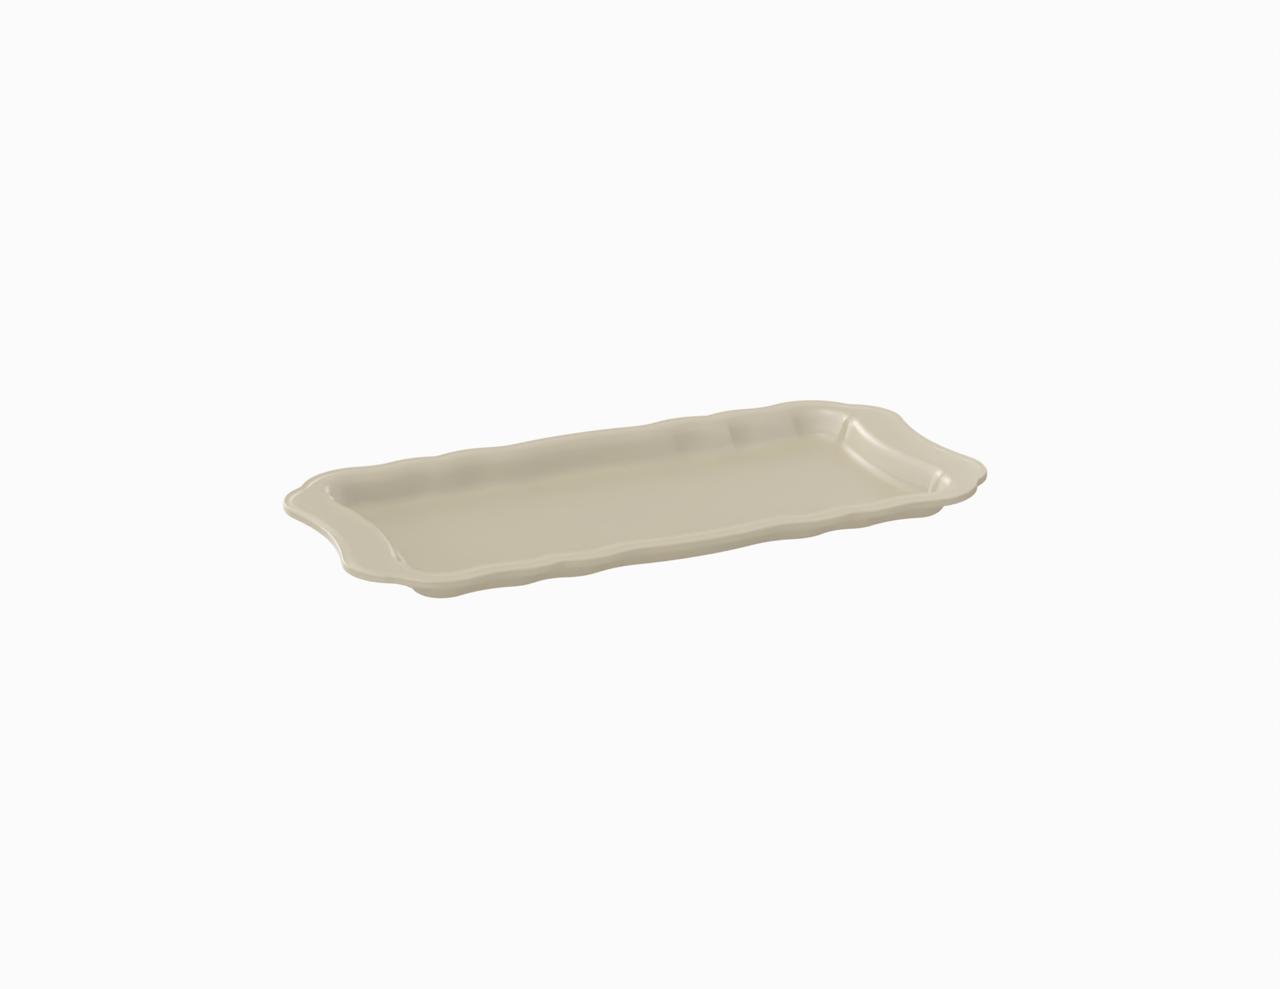 Plateau crème tacheté 215 mm